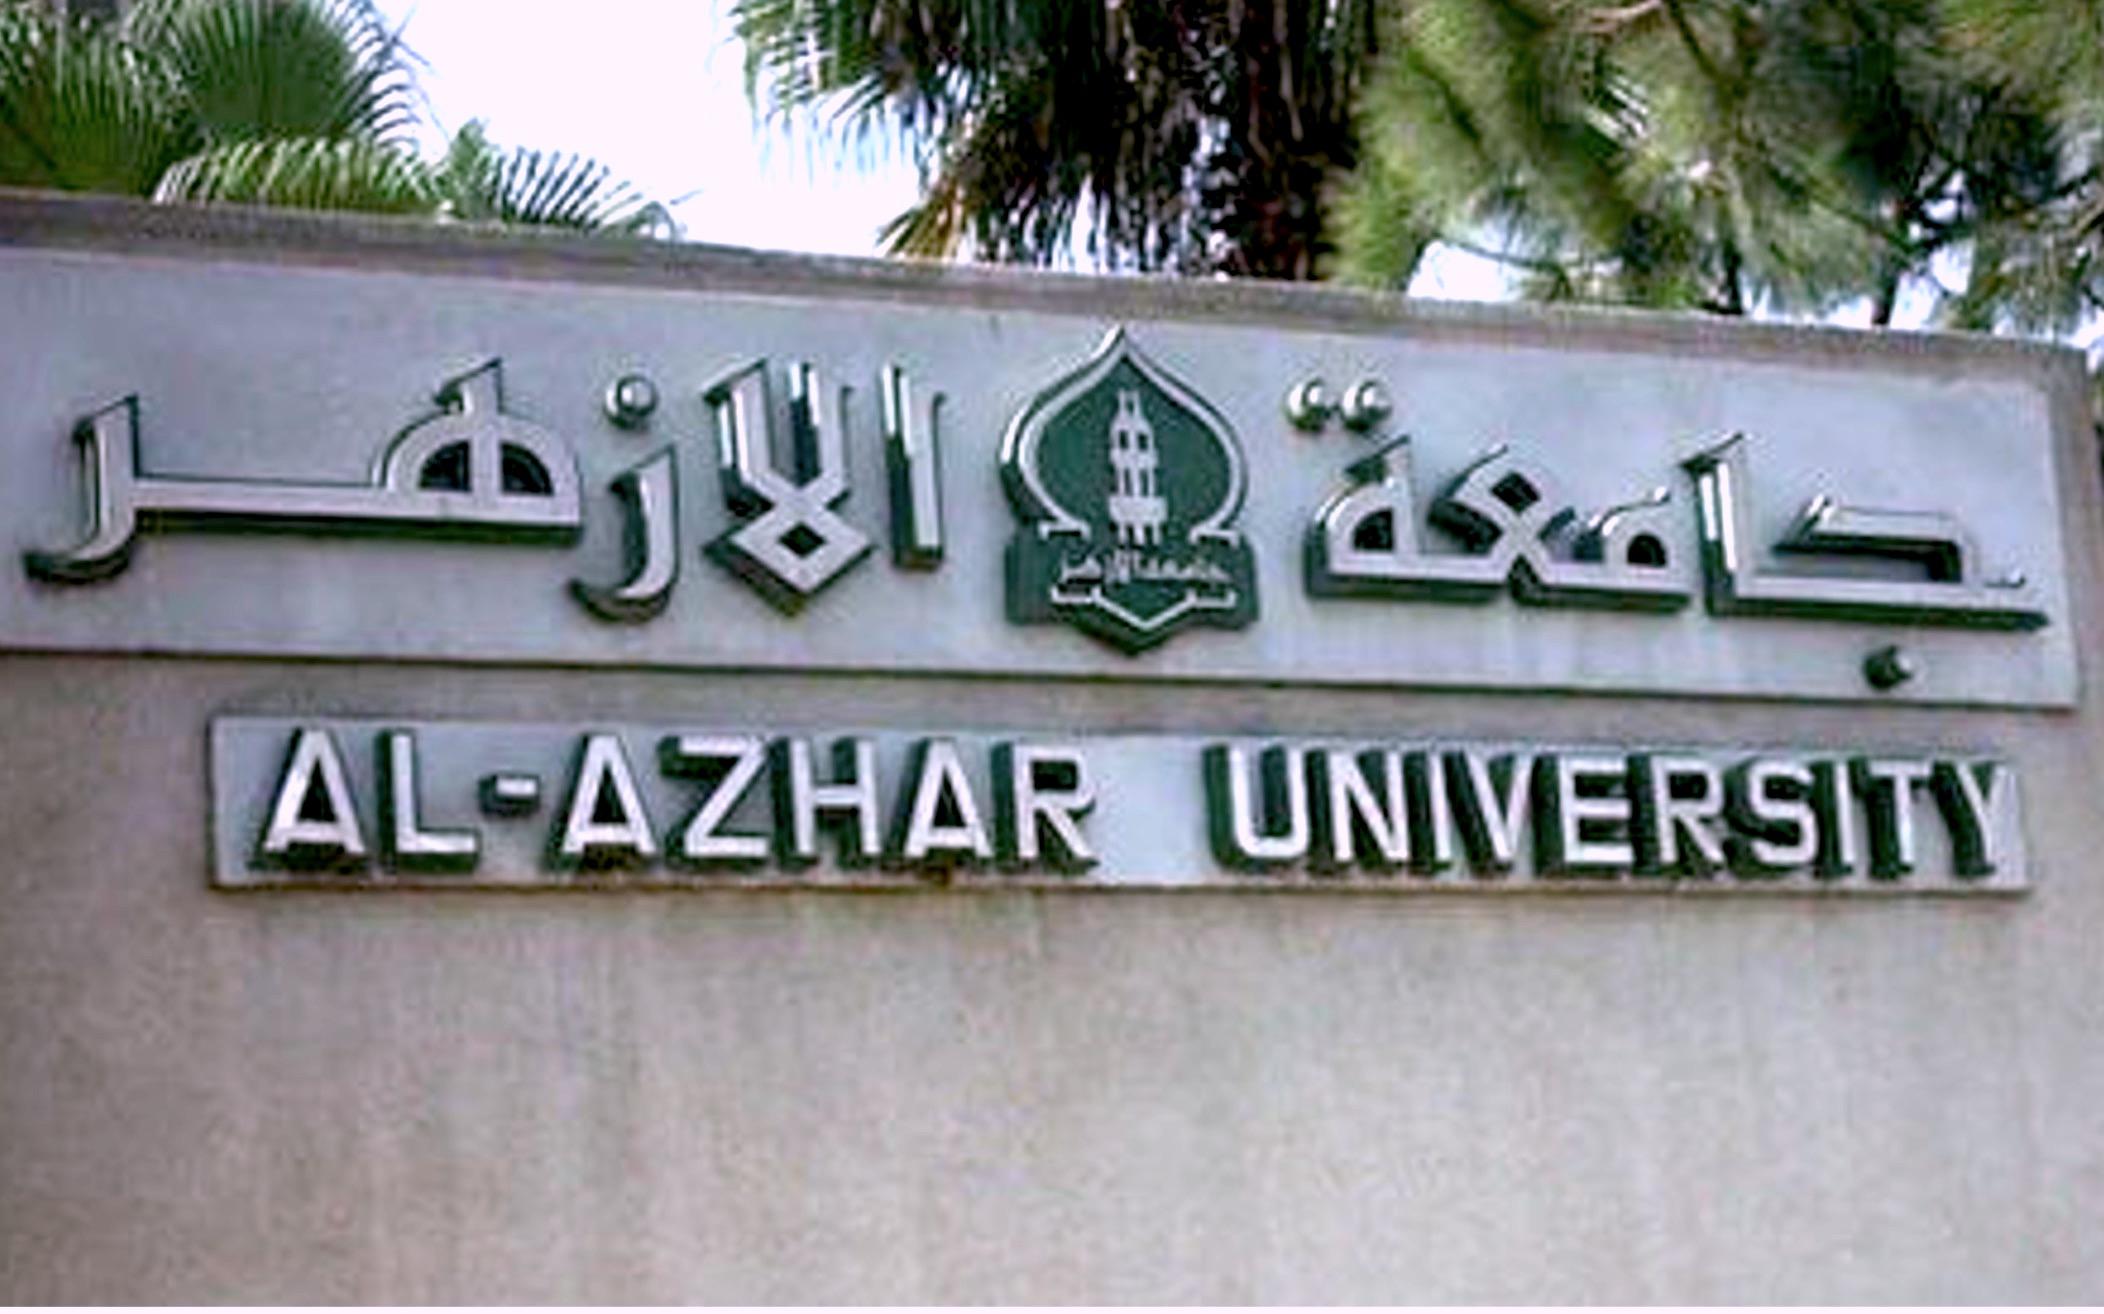 Universidad de Al-Azhar en El Cairo